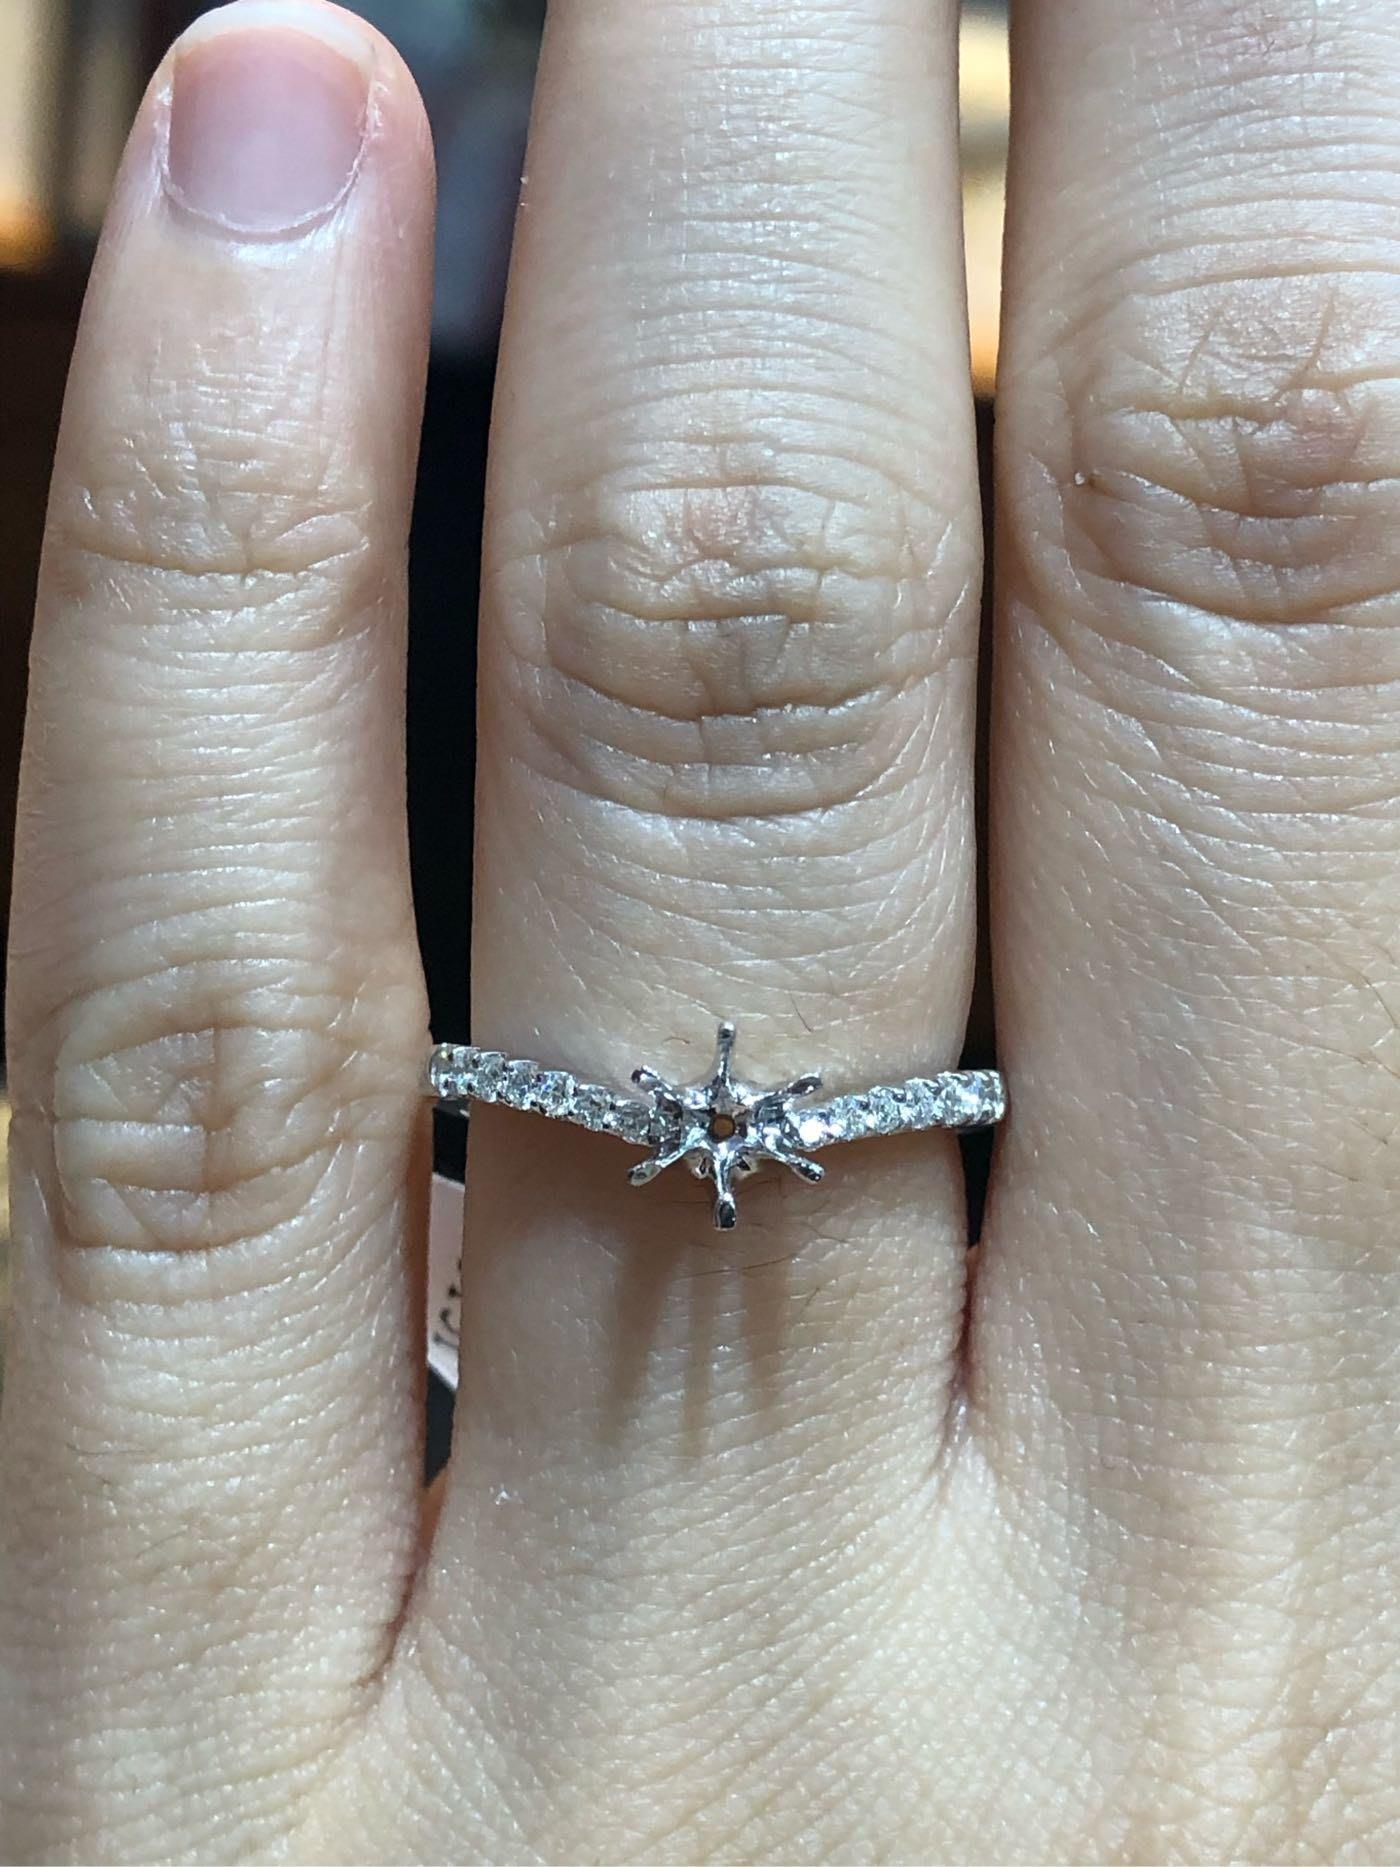 日本進口鉑金鑽石戒指,適合30分鑽石戒台,媲美I-primo價格少一半以上,可任選GIA等級鑽石,超值優惠價19380元,優雅流線造型設計款式